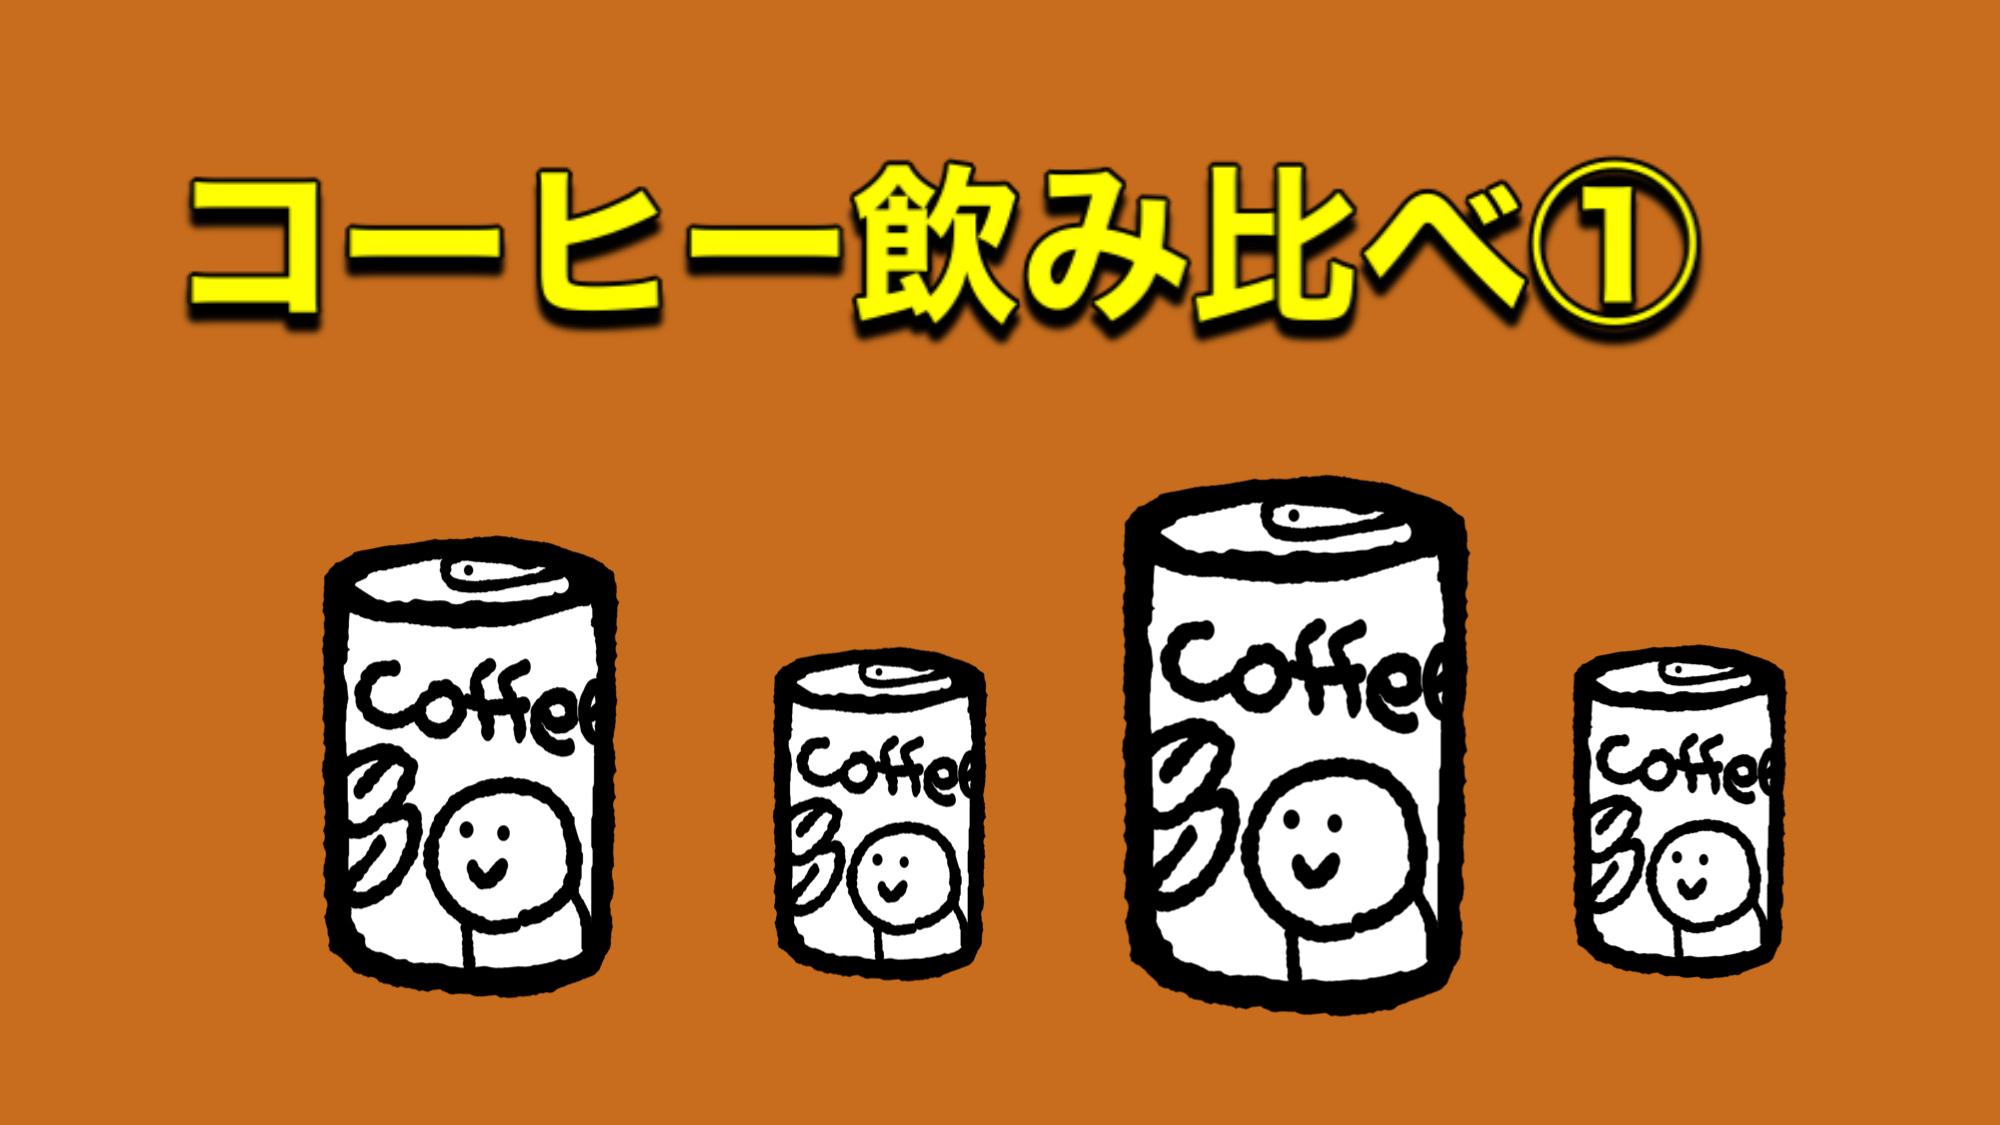 コーヒー飲みくらべシリーズ